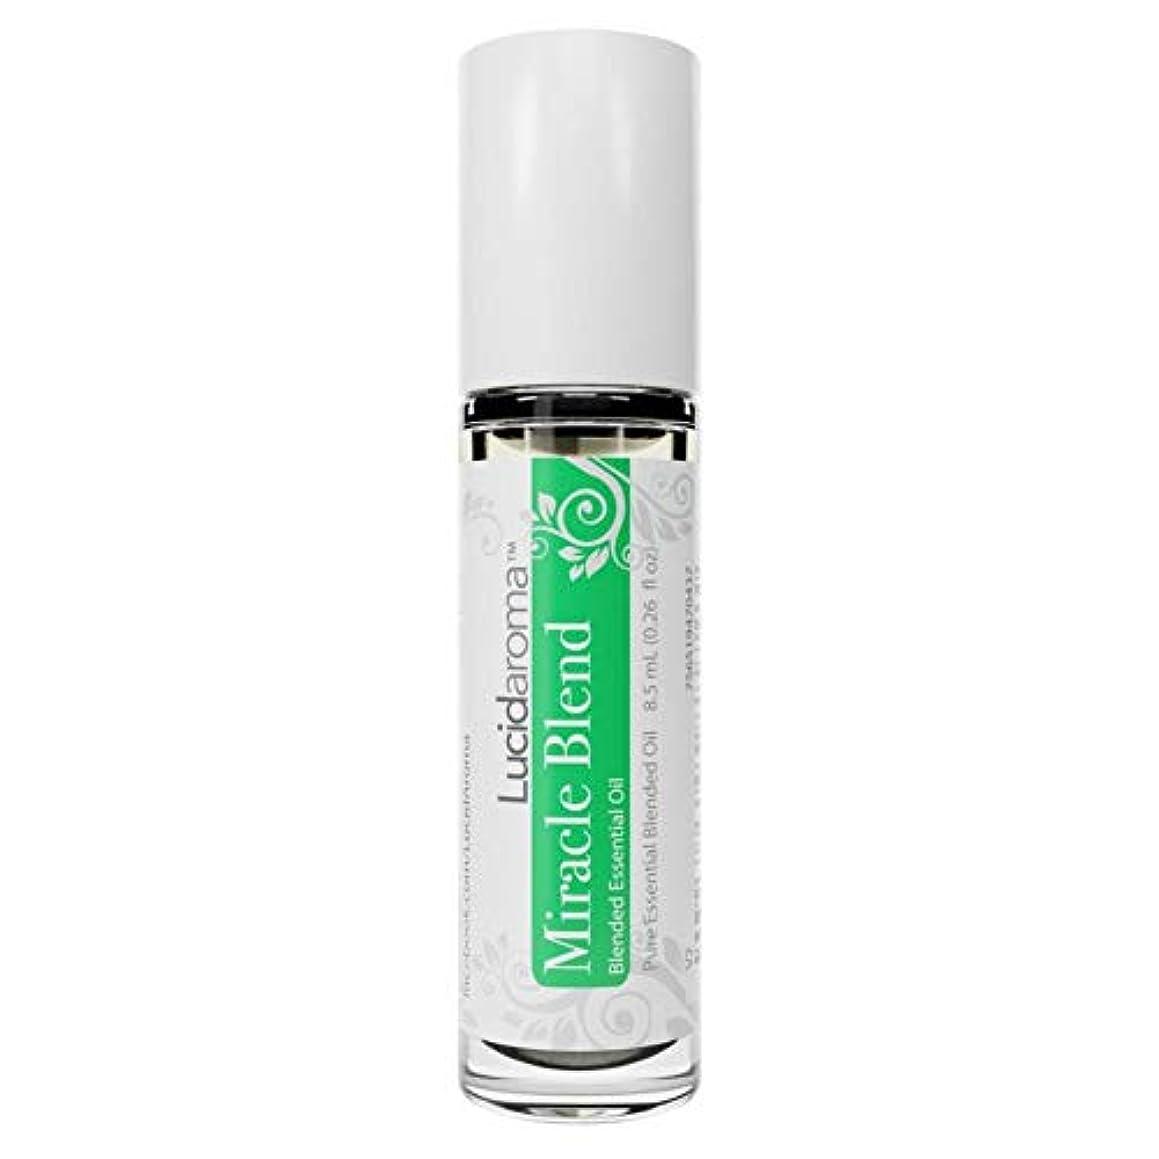 絶対に遠いスイLucid Aroma Miracle Blend ミラクル ブレンド ロールオン アロマオイル 8.5mL (塗るアロマ) 100%天然 携帯便利 ピュア エッセンシャル アメリカ製